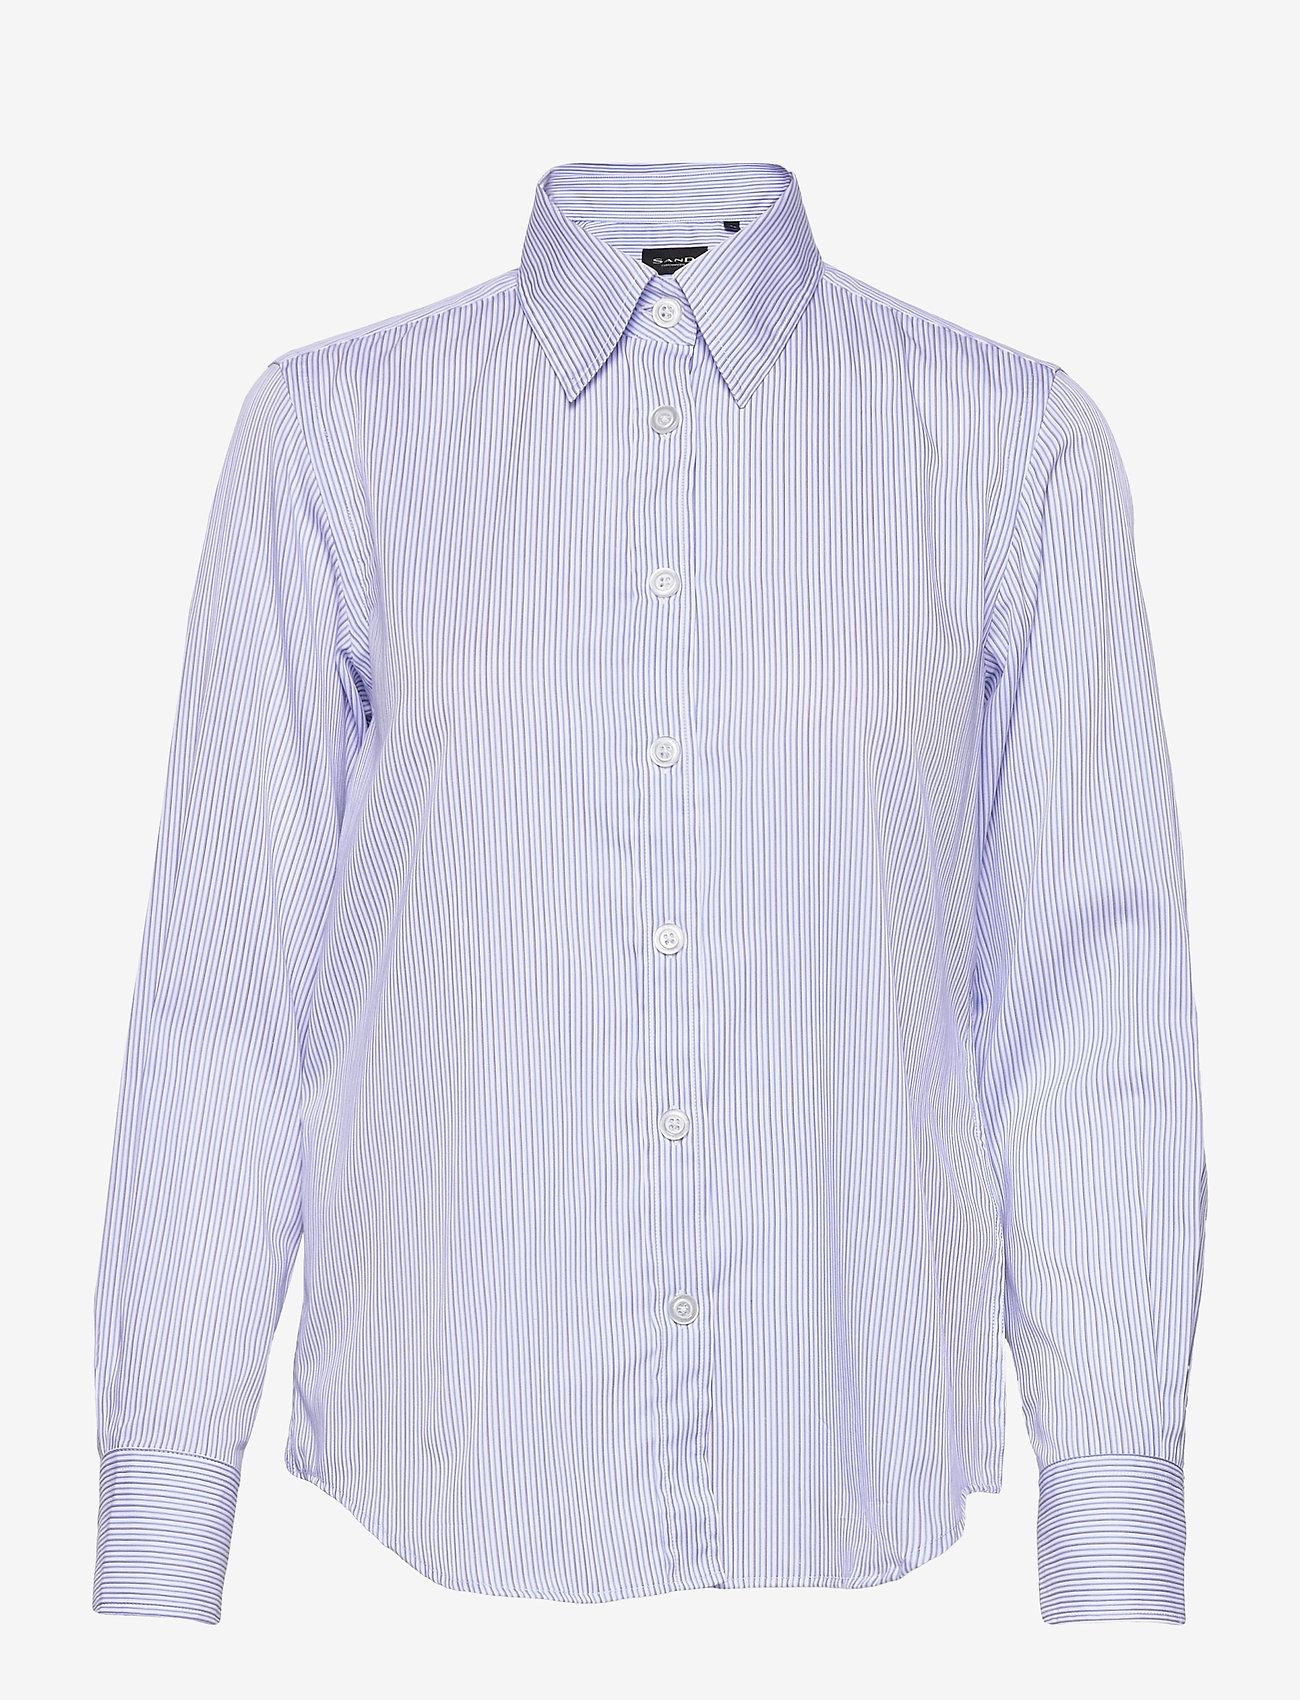 SAND - 8748 - Sandie New - chemises à manches longues - blue - 0